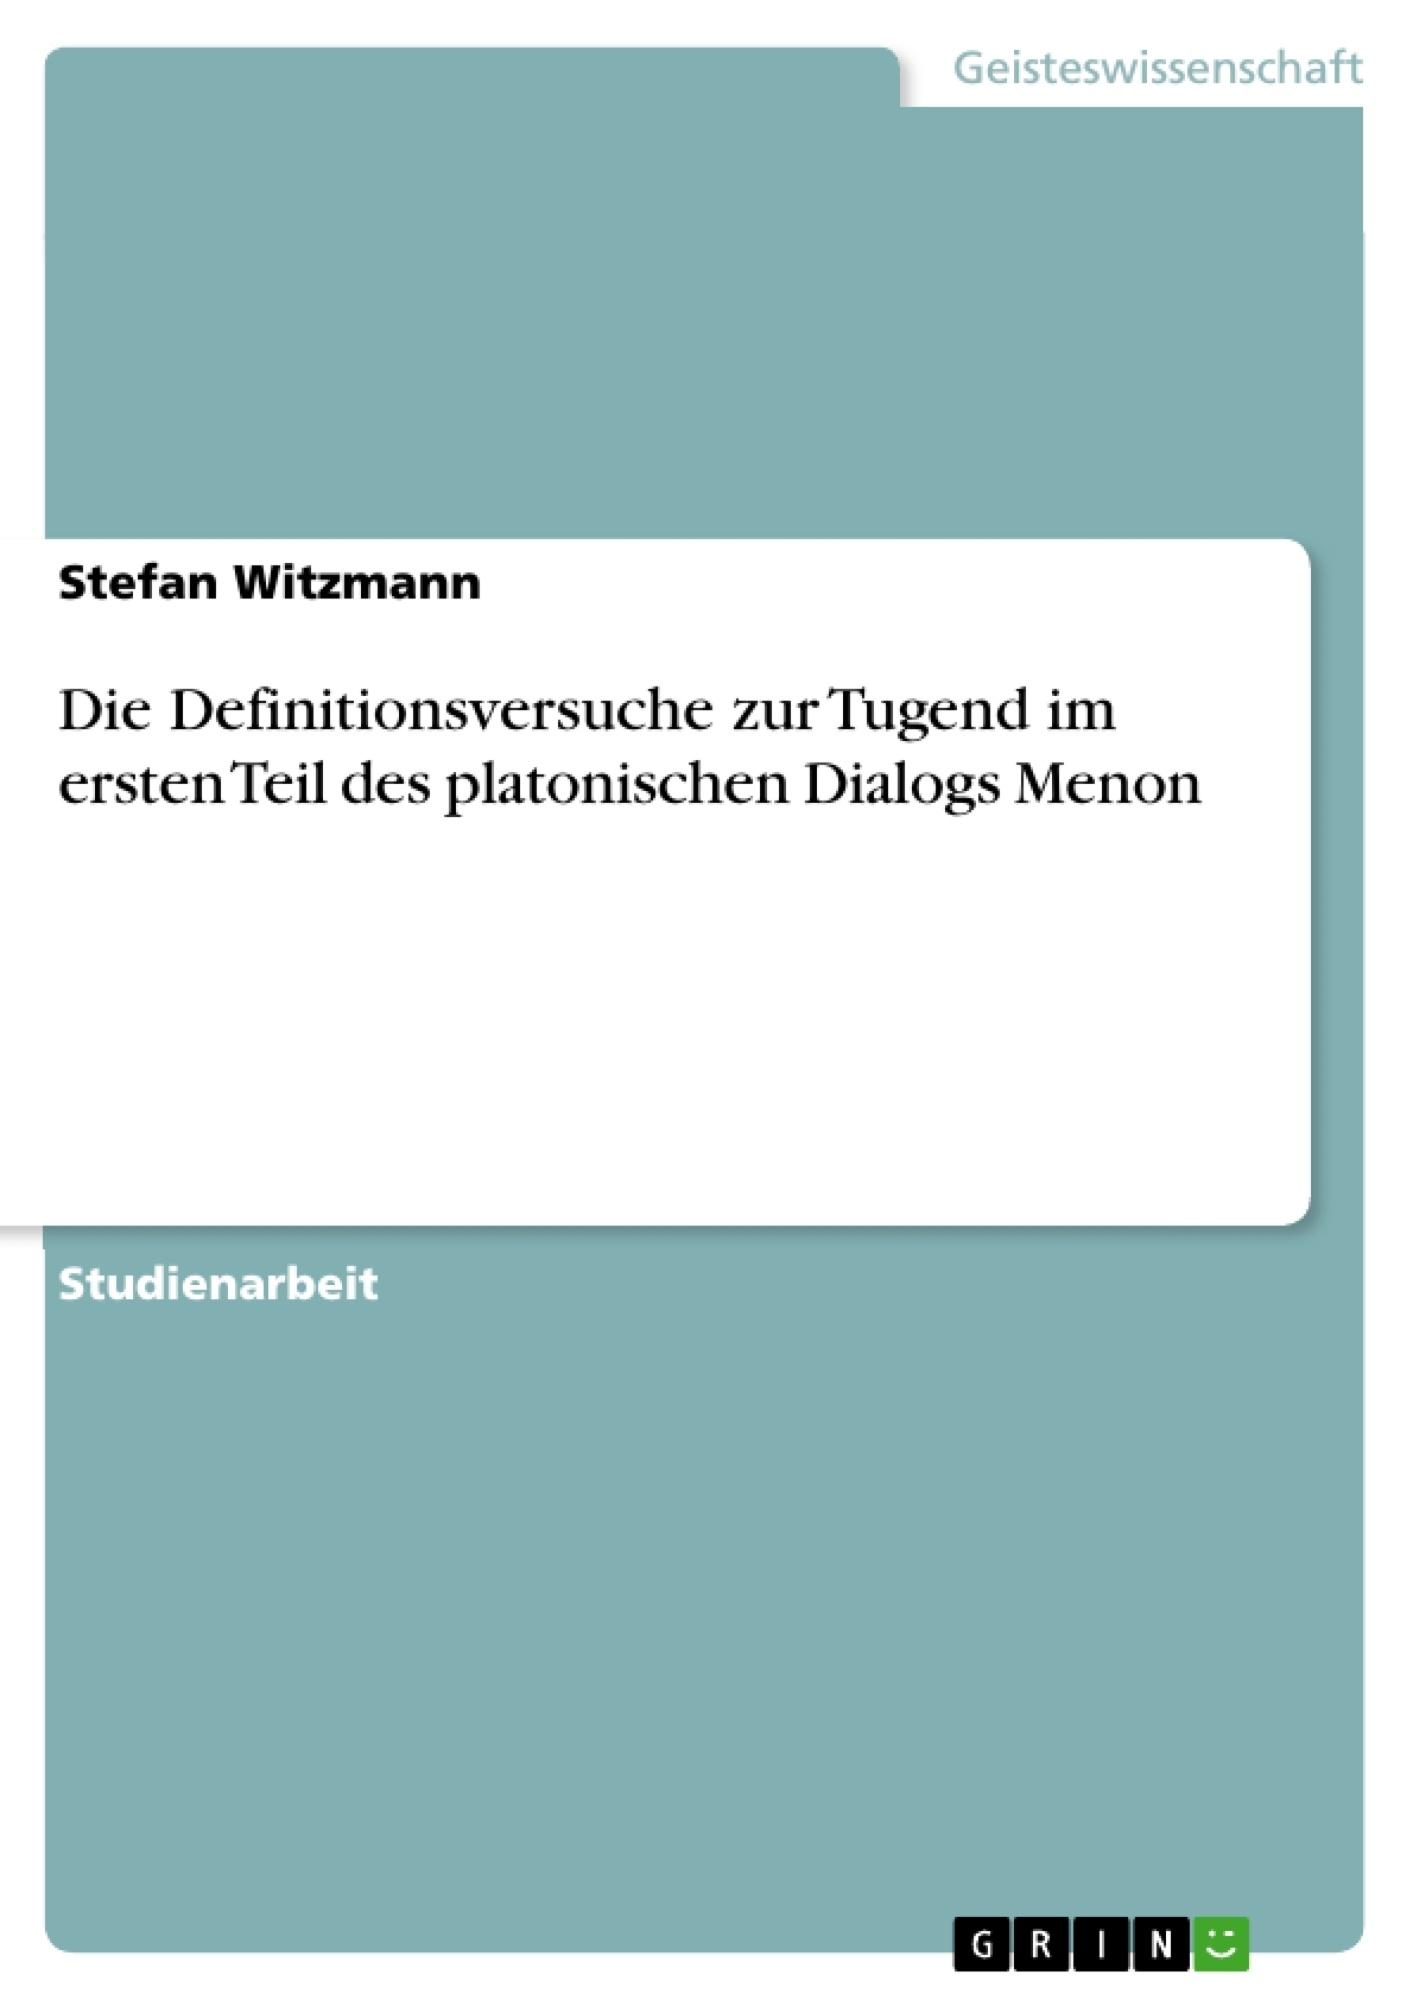 Titel: Die Definitionsversuche zur Tugend im ersten Teil des platonischen Dialogs Menon